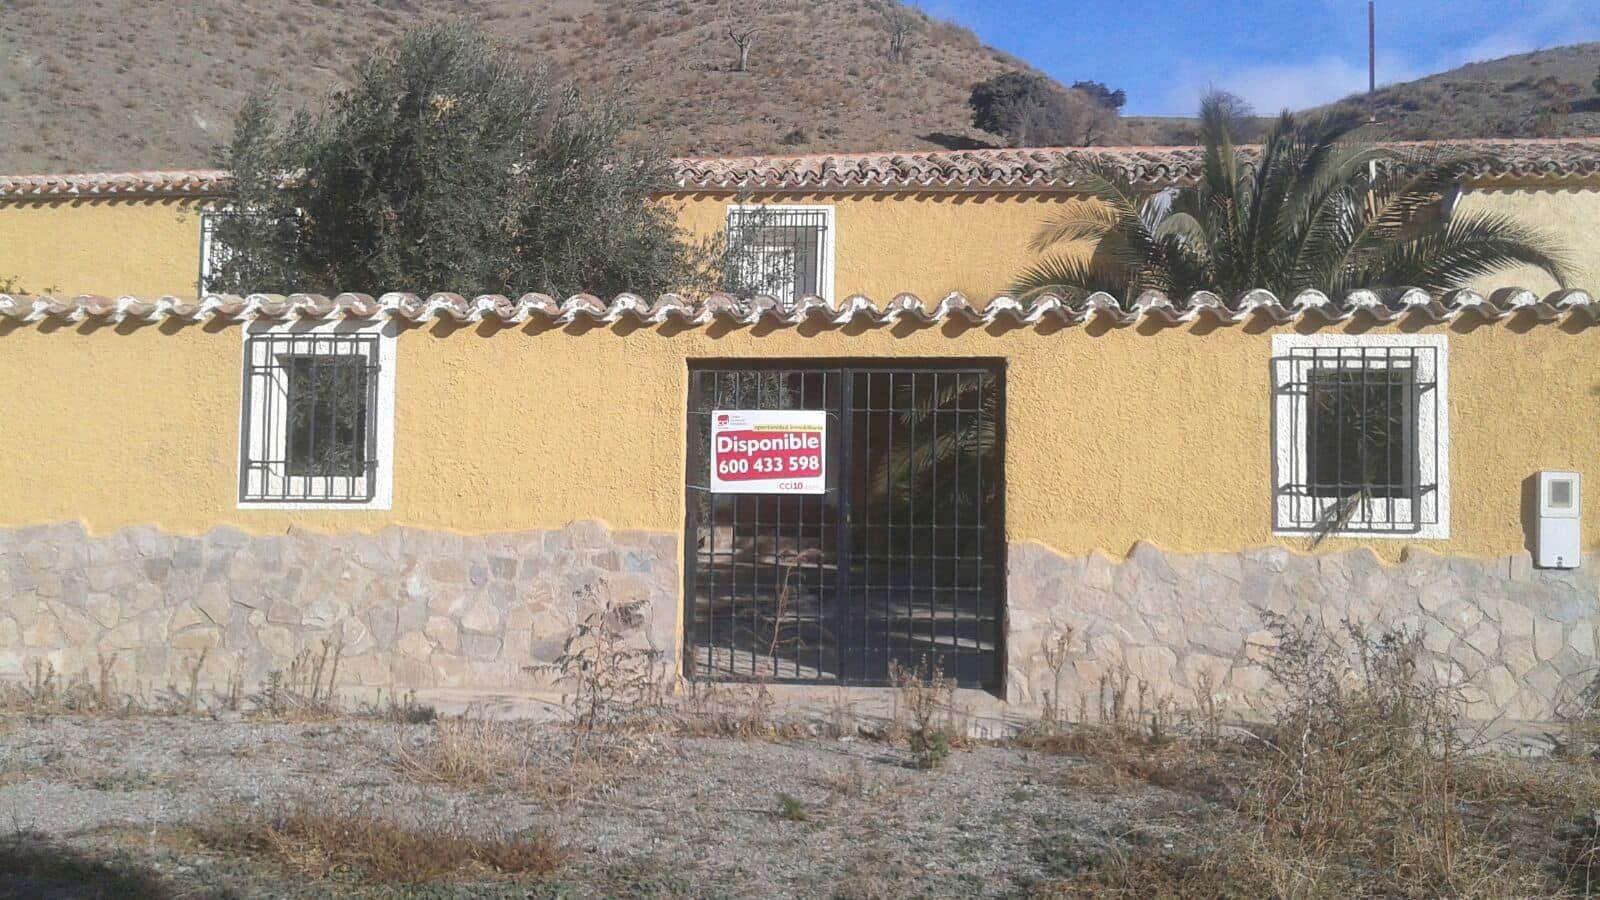 Casa en venta en Vélez-rubio, Vélez-rubio, Almería, Calle los Cabreras, Sn, 241.000 €, 3 habitaciones, 1 baño, 464 m2